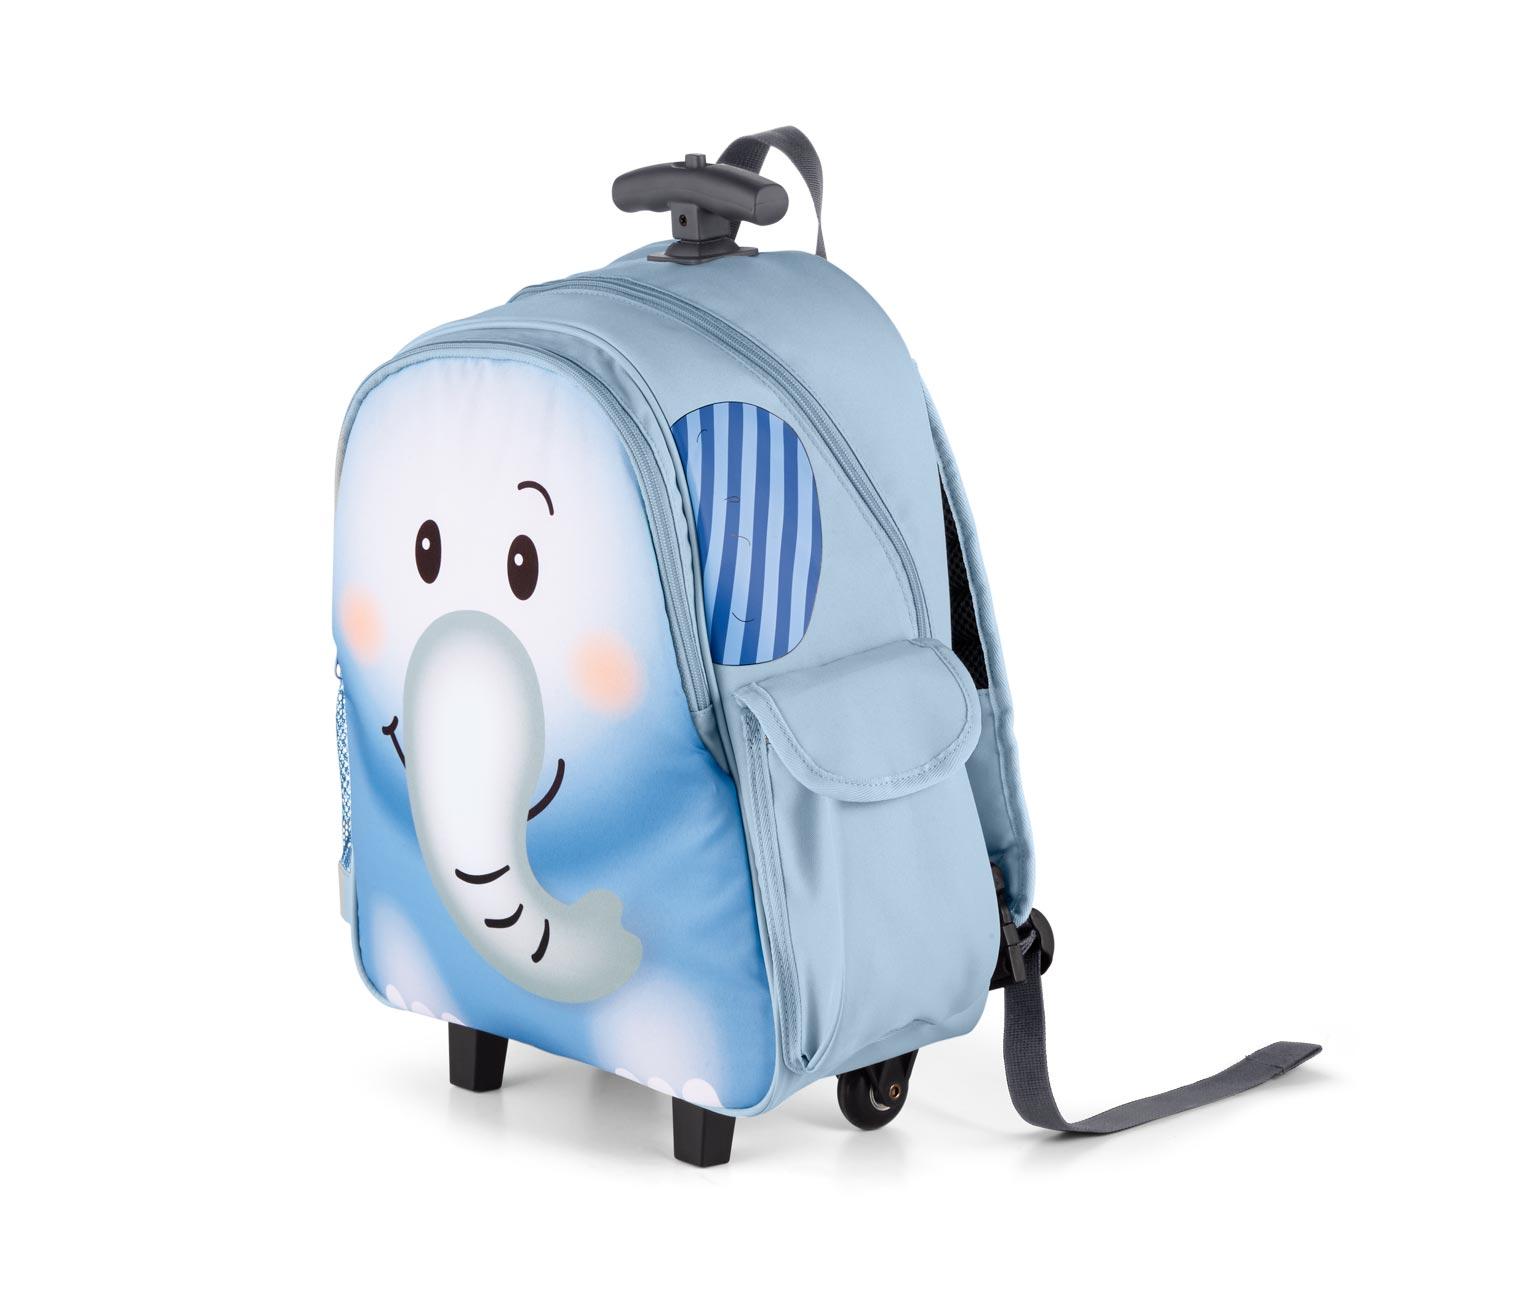 Kindertrolley im Elefantendesign